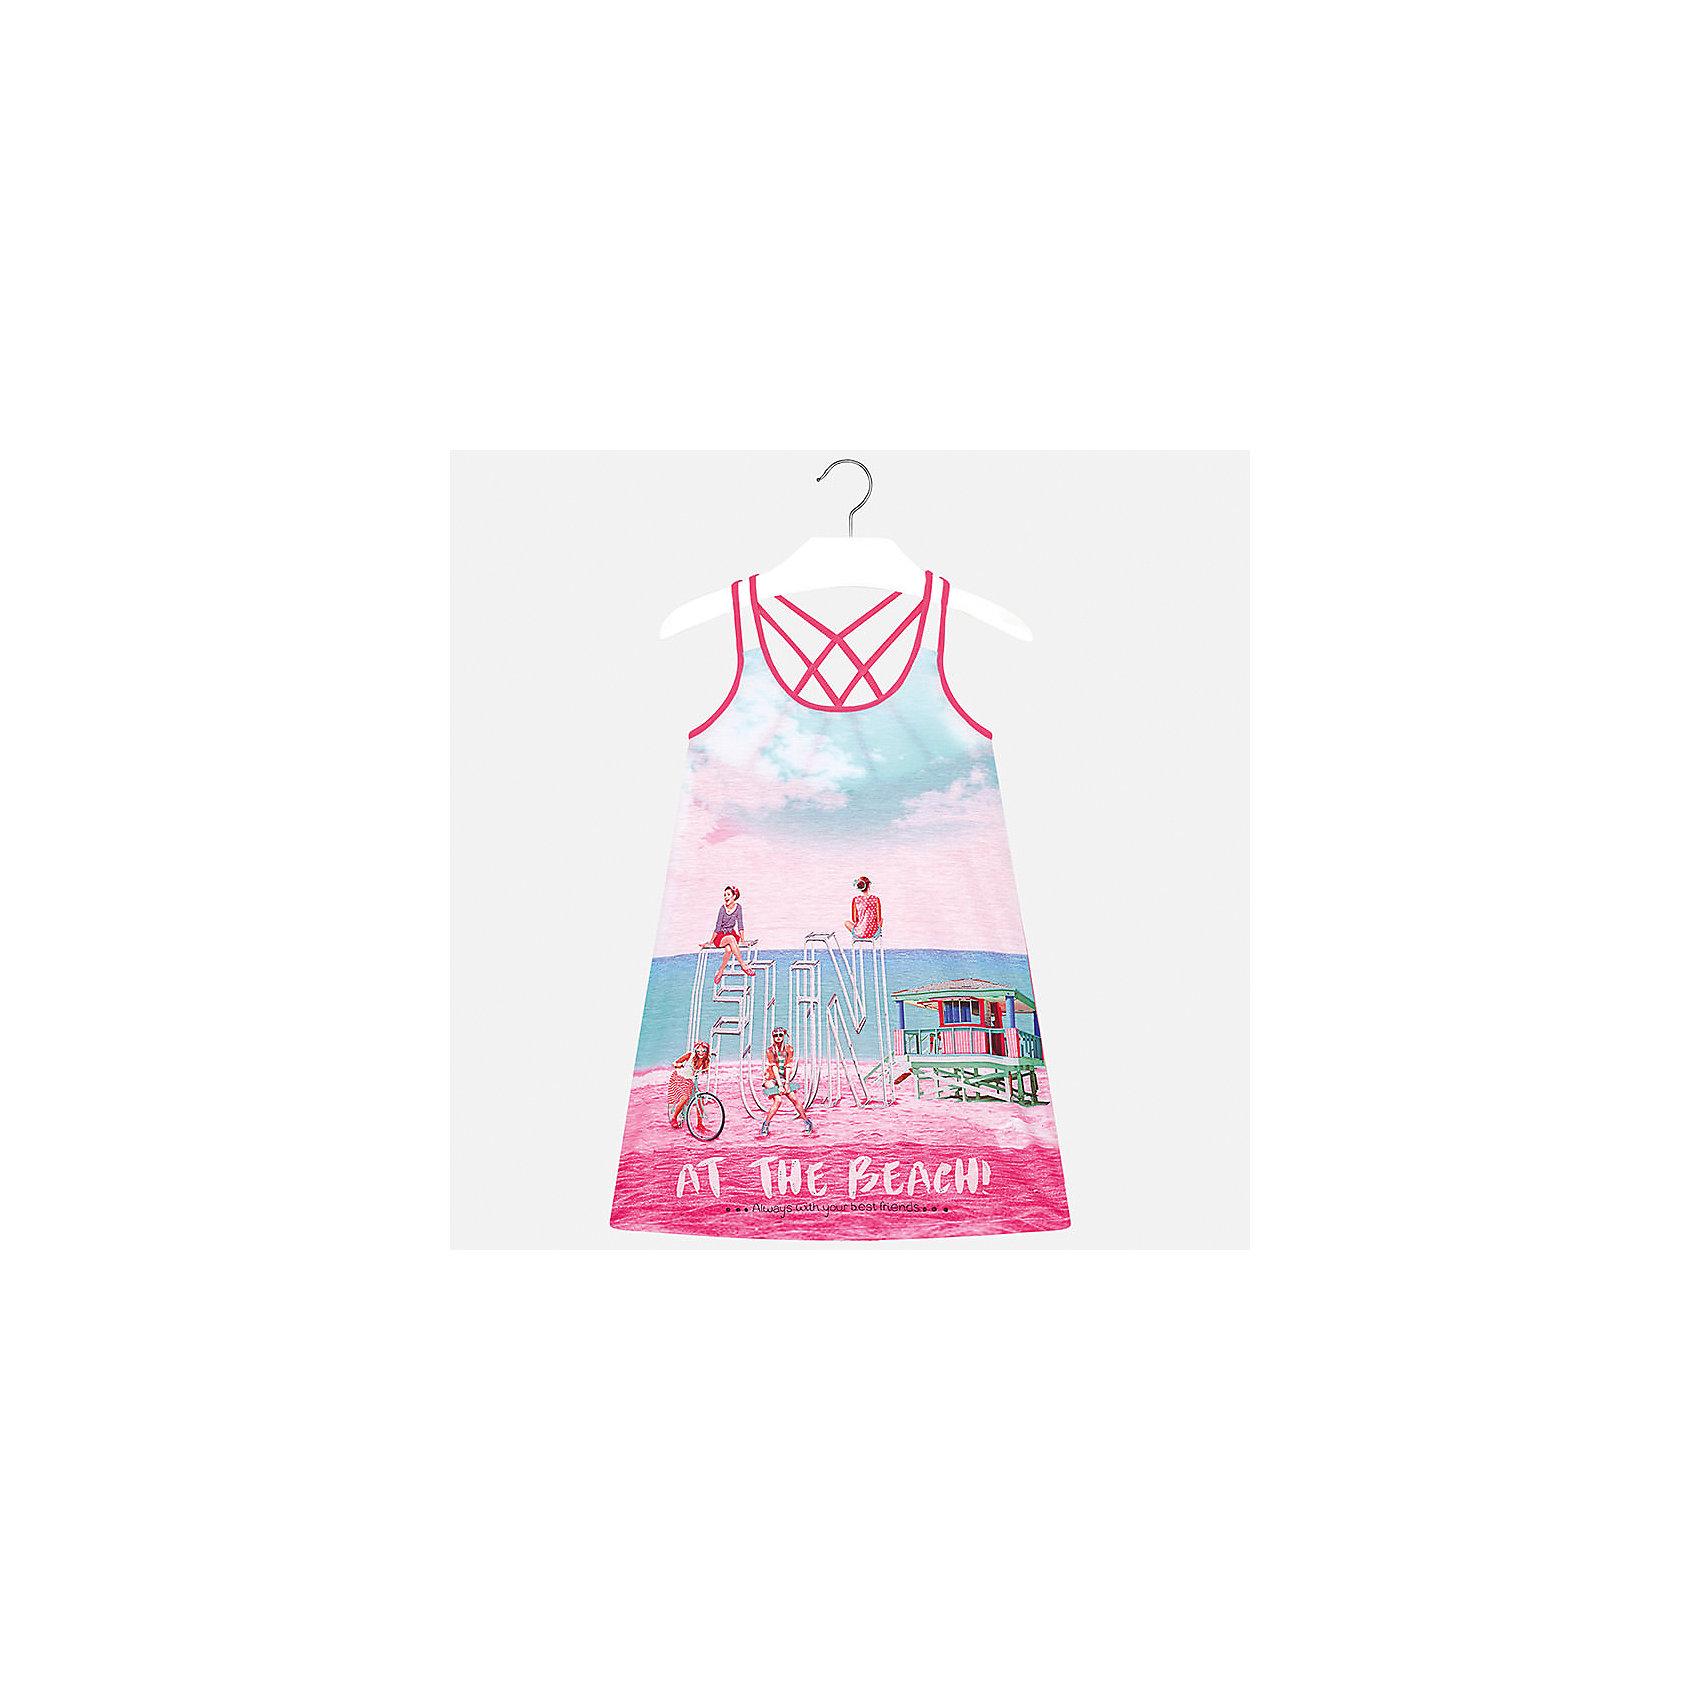 Платье для девочки MayoralЛетние платья и сарафаны<br>Характеристики товара:<br><br>• цвет: розовый/голубой<br>• состав: 100% полиэстер<br>• без застежки<br>• бретельки перекрещены на спине<br>• без рукавов<br>• принт<br>• страна бренда: Испания<br><br>Модное платье для девочки поможет разнообразить гардероб ребенка и создать эффектный наряд. Оно подойдет для различных случаев. Красивый оттенок позволяет подобрать к вещи обувь разных расцветок. Платье хорошо сидит по фигуре. <br><br>Одежда, обувь и аксессуары от испанского бренда Mayoral полюбились детям и взрослым по всему миру. Модели этой марки - стильные и удобные. Для их производства используются только безопасные, качественные материалы и фурнитура. Порадуйте ребенка модными и красивыми вещами от Mayoral! <br><br>Платье для девочки от испанского бренда Mayoral (Майорал) можно купить в нашем интернет-магазине.<br><br>Ширина мм: 236<br>Глубина мм: 16<br>Высота мм: 184<br>Вес г: 177<br>Цвет: фиолетовый<br>Возраст от месяцев: 168<br>Возраст до месяцев: 180<br>Пол: Женский<br>Возраст: Детский<br>Размер: 170,152,128/134,140,158,164<br>SKU: 5293362